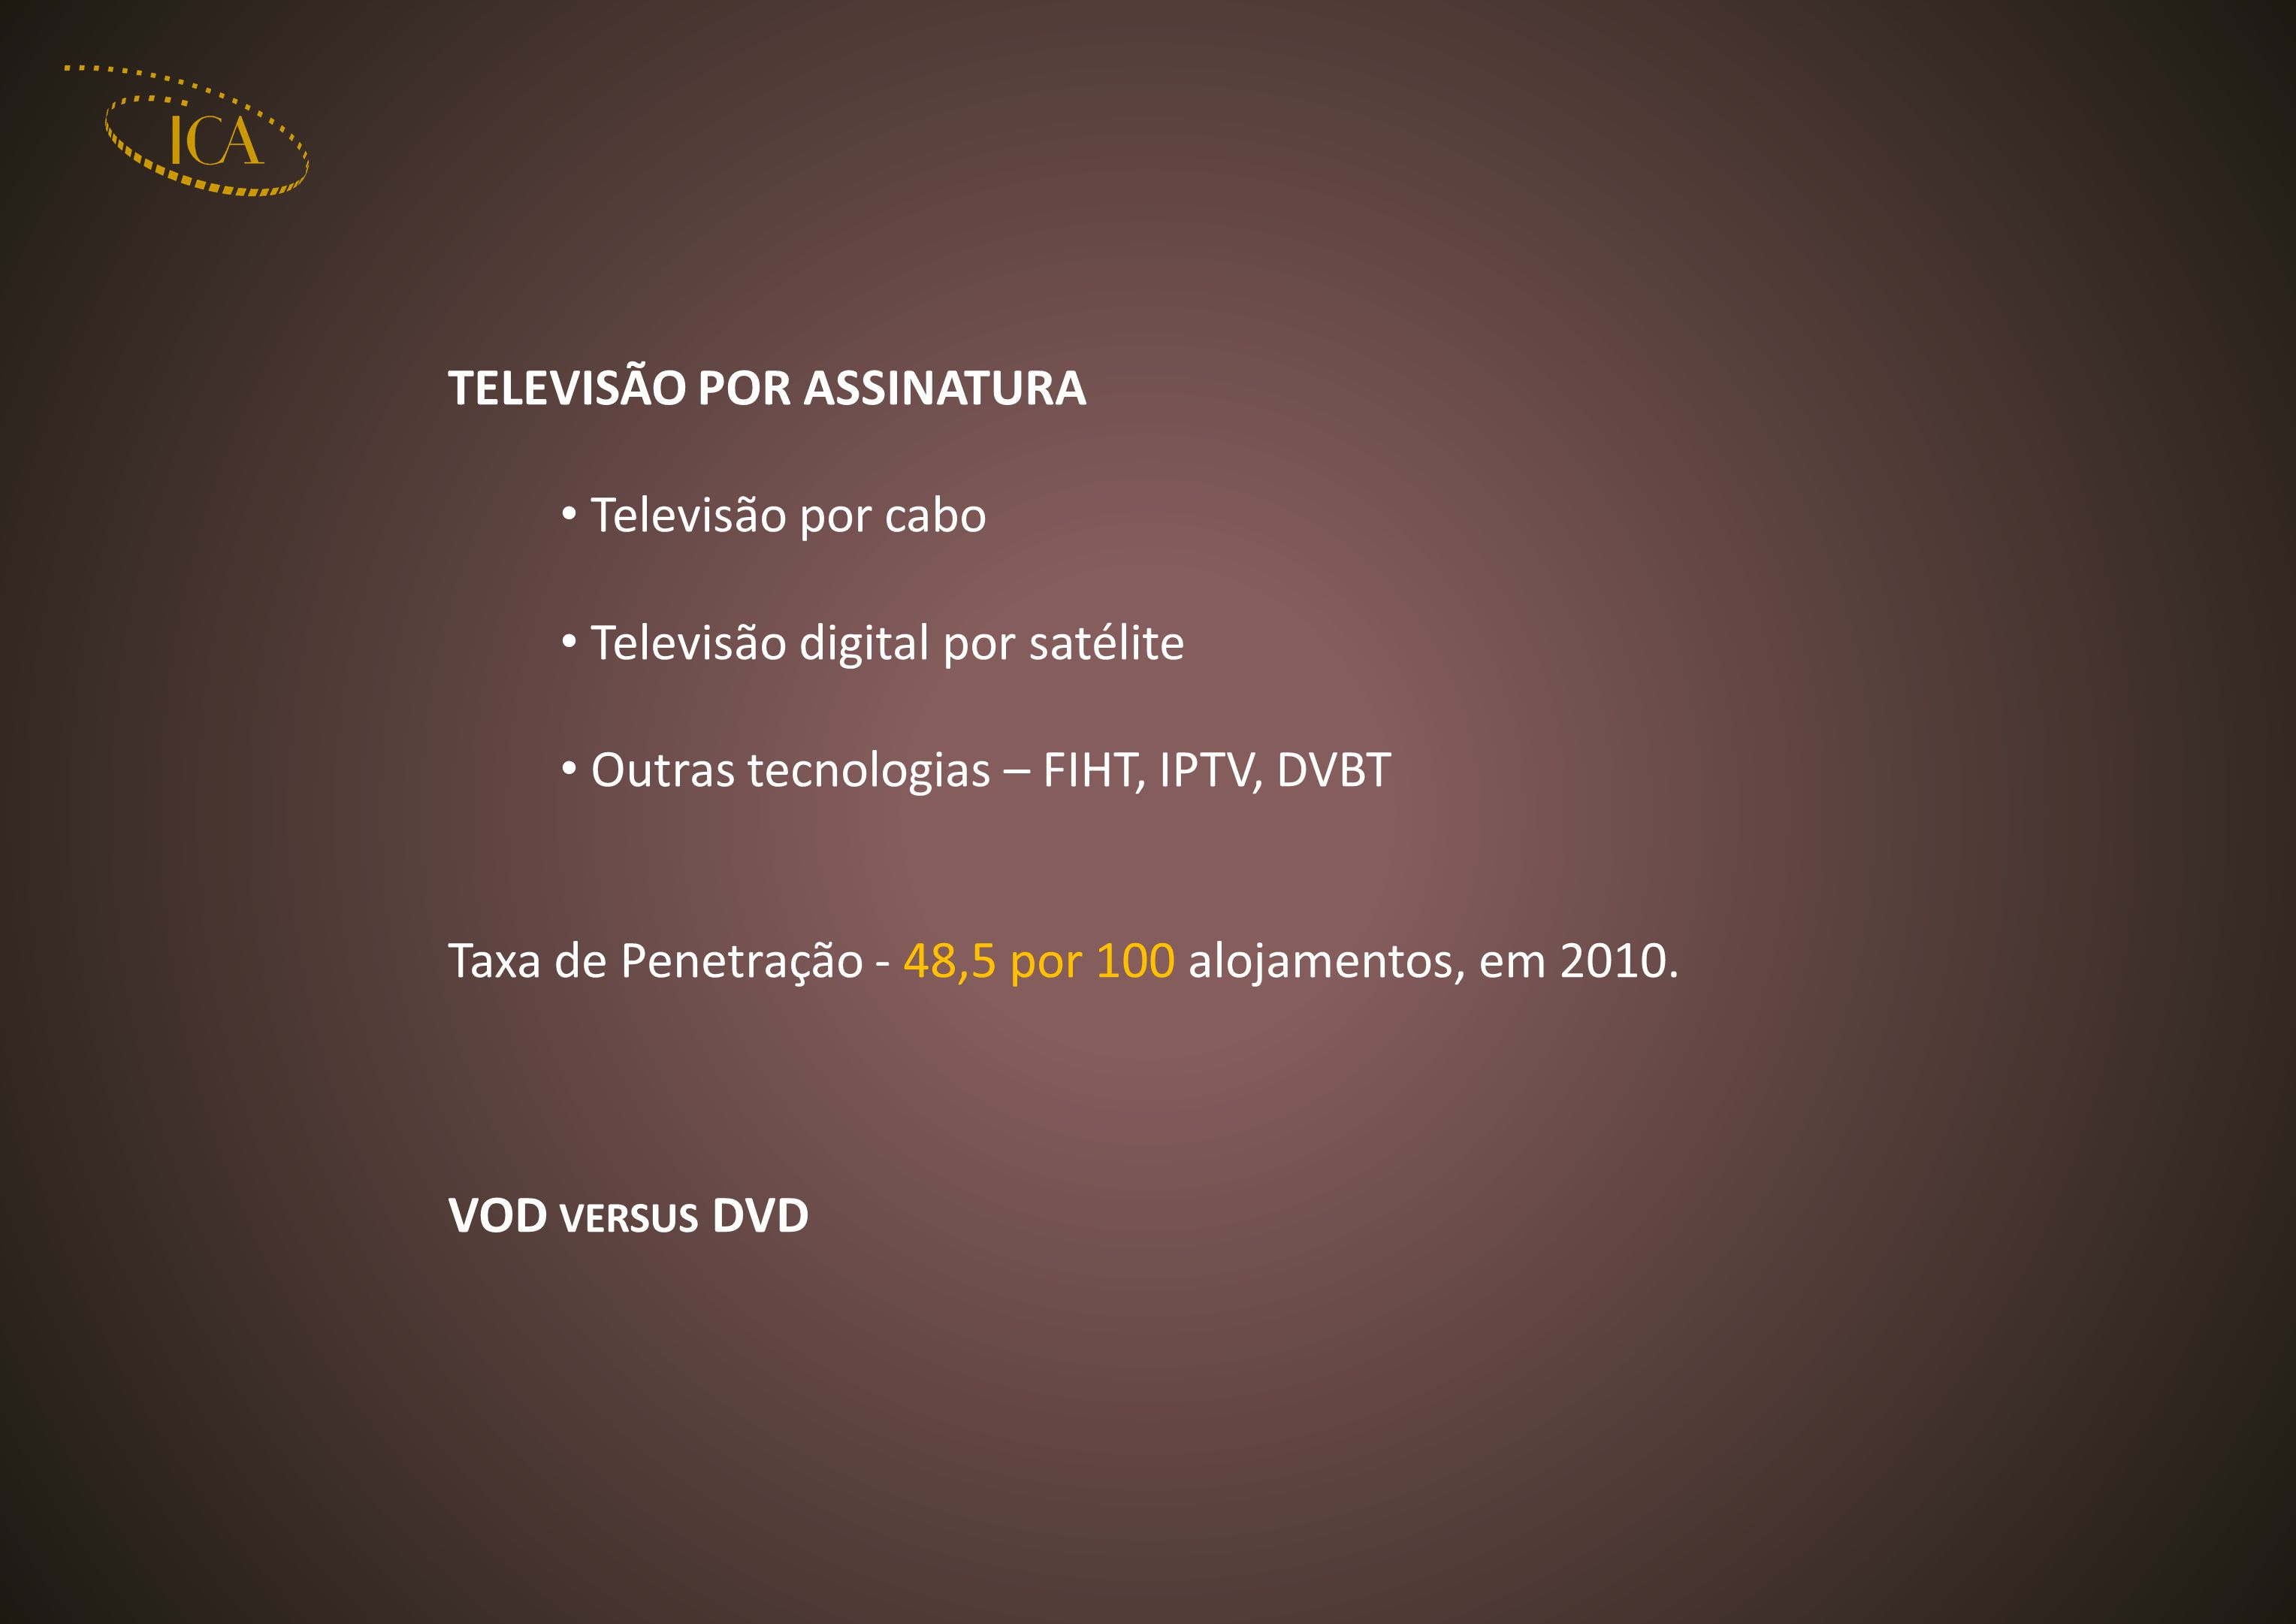 TELEVISÃO POR ASSINATURA